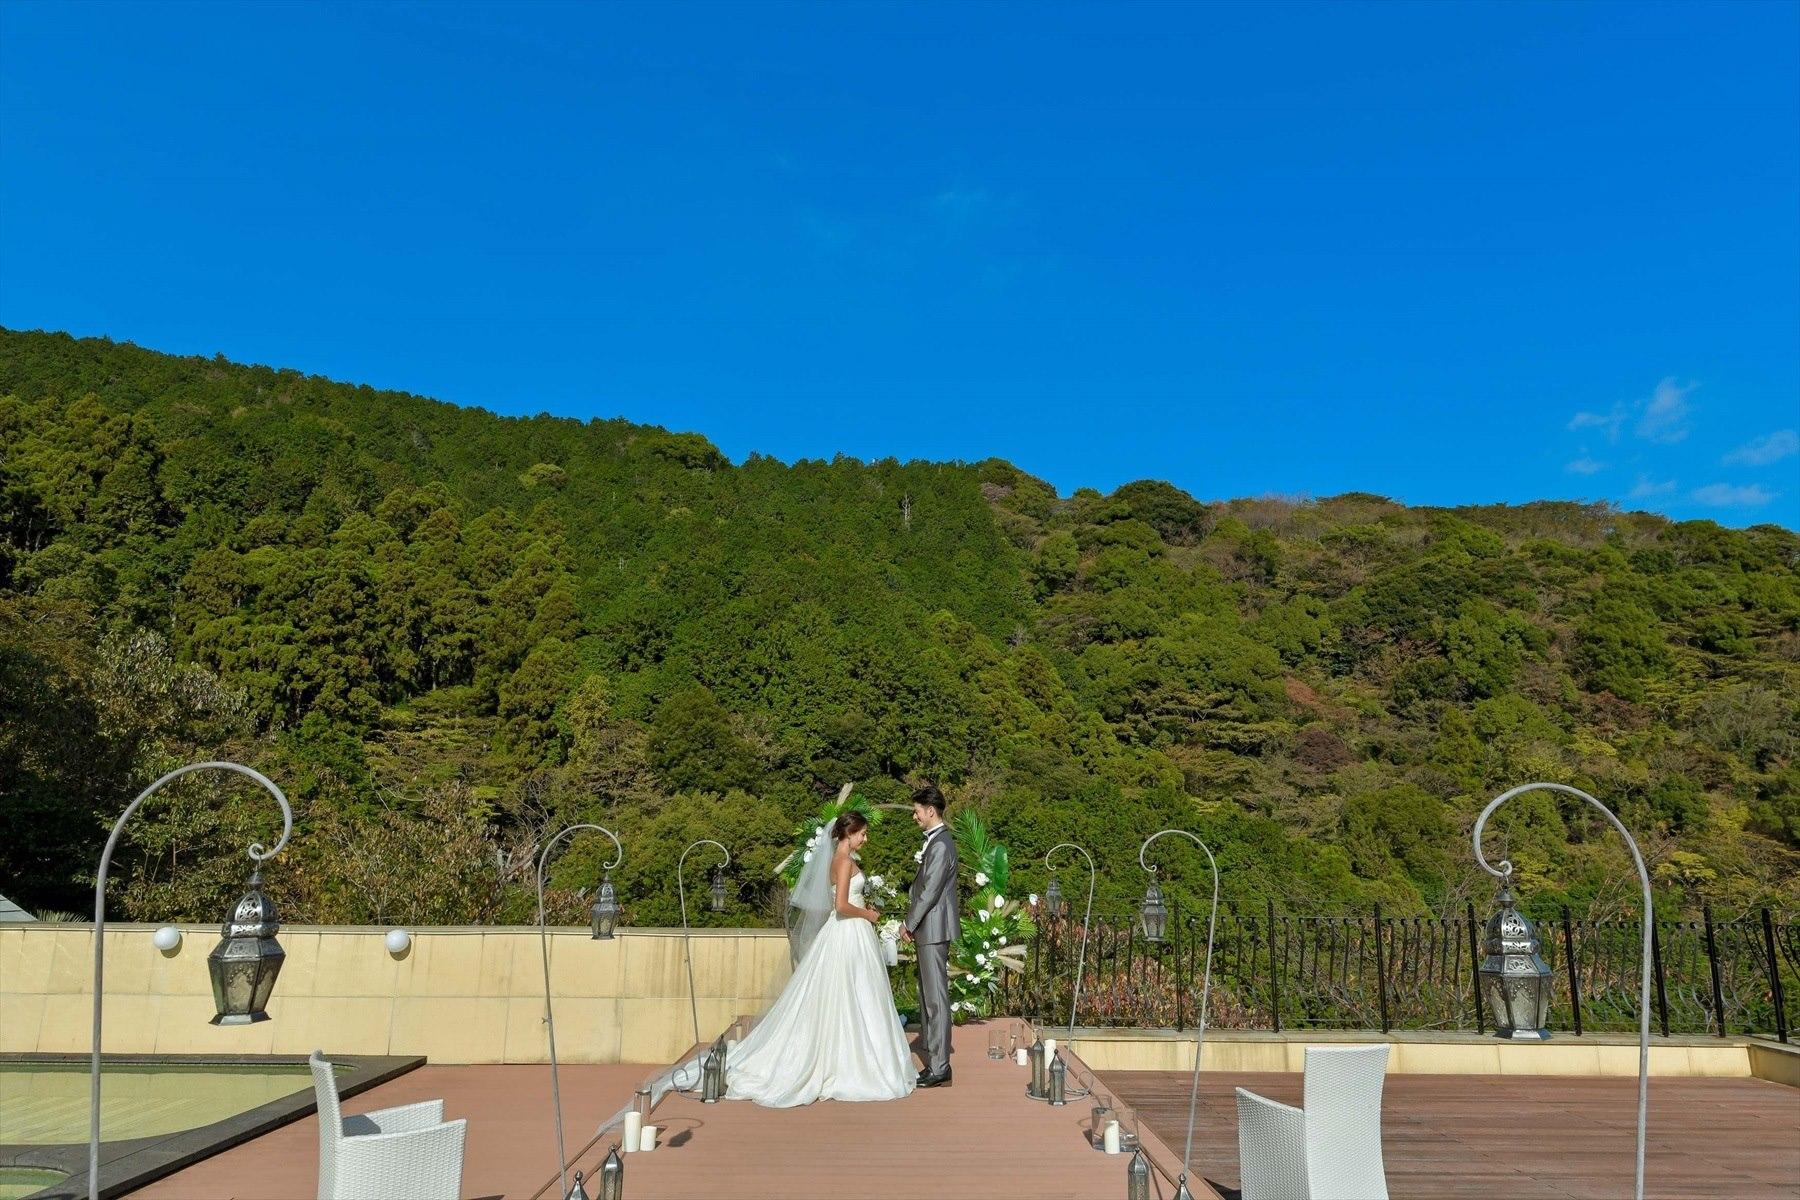 静岡県熱海結婚式 静岡挙式会場全景 プライベートウェディング